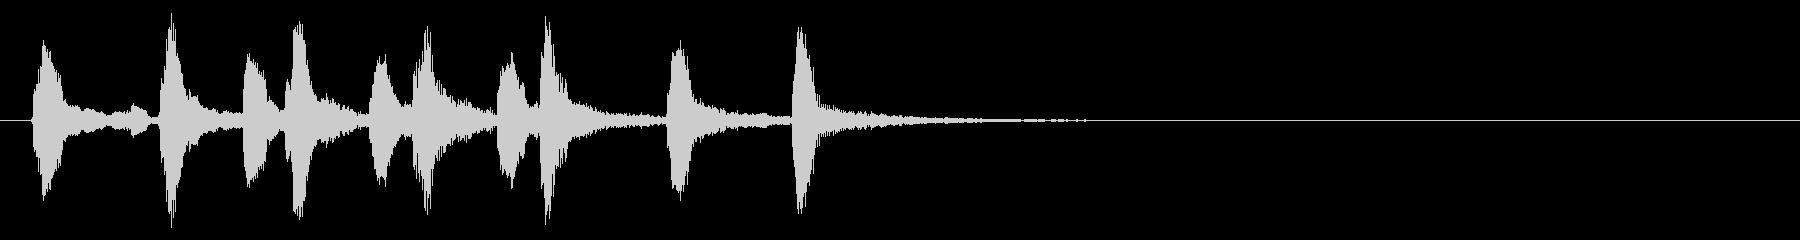 よかったねちゃんちゃん木管リコーダー重奏の未再生の波形